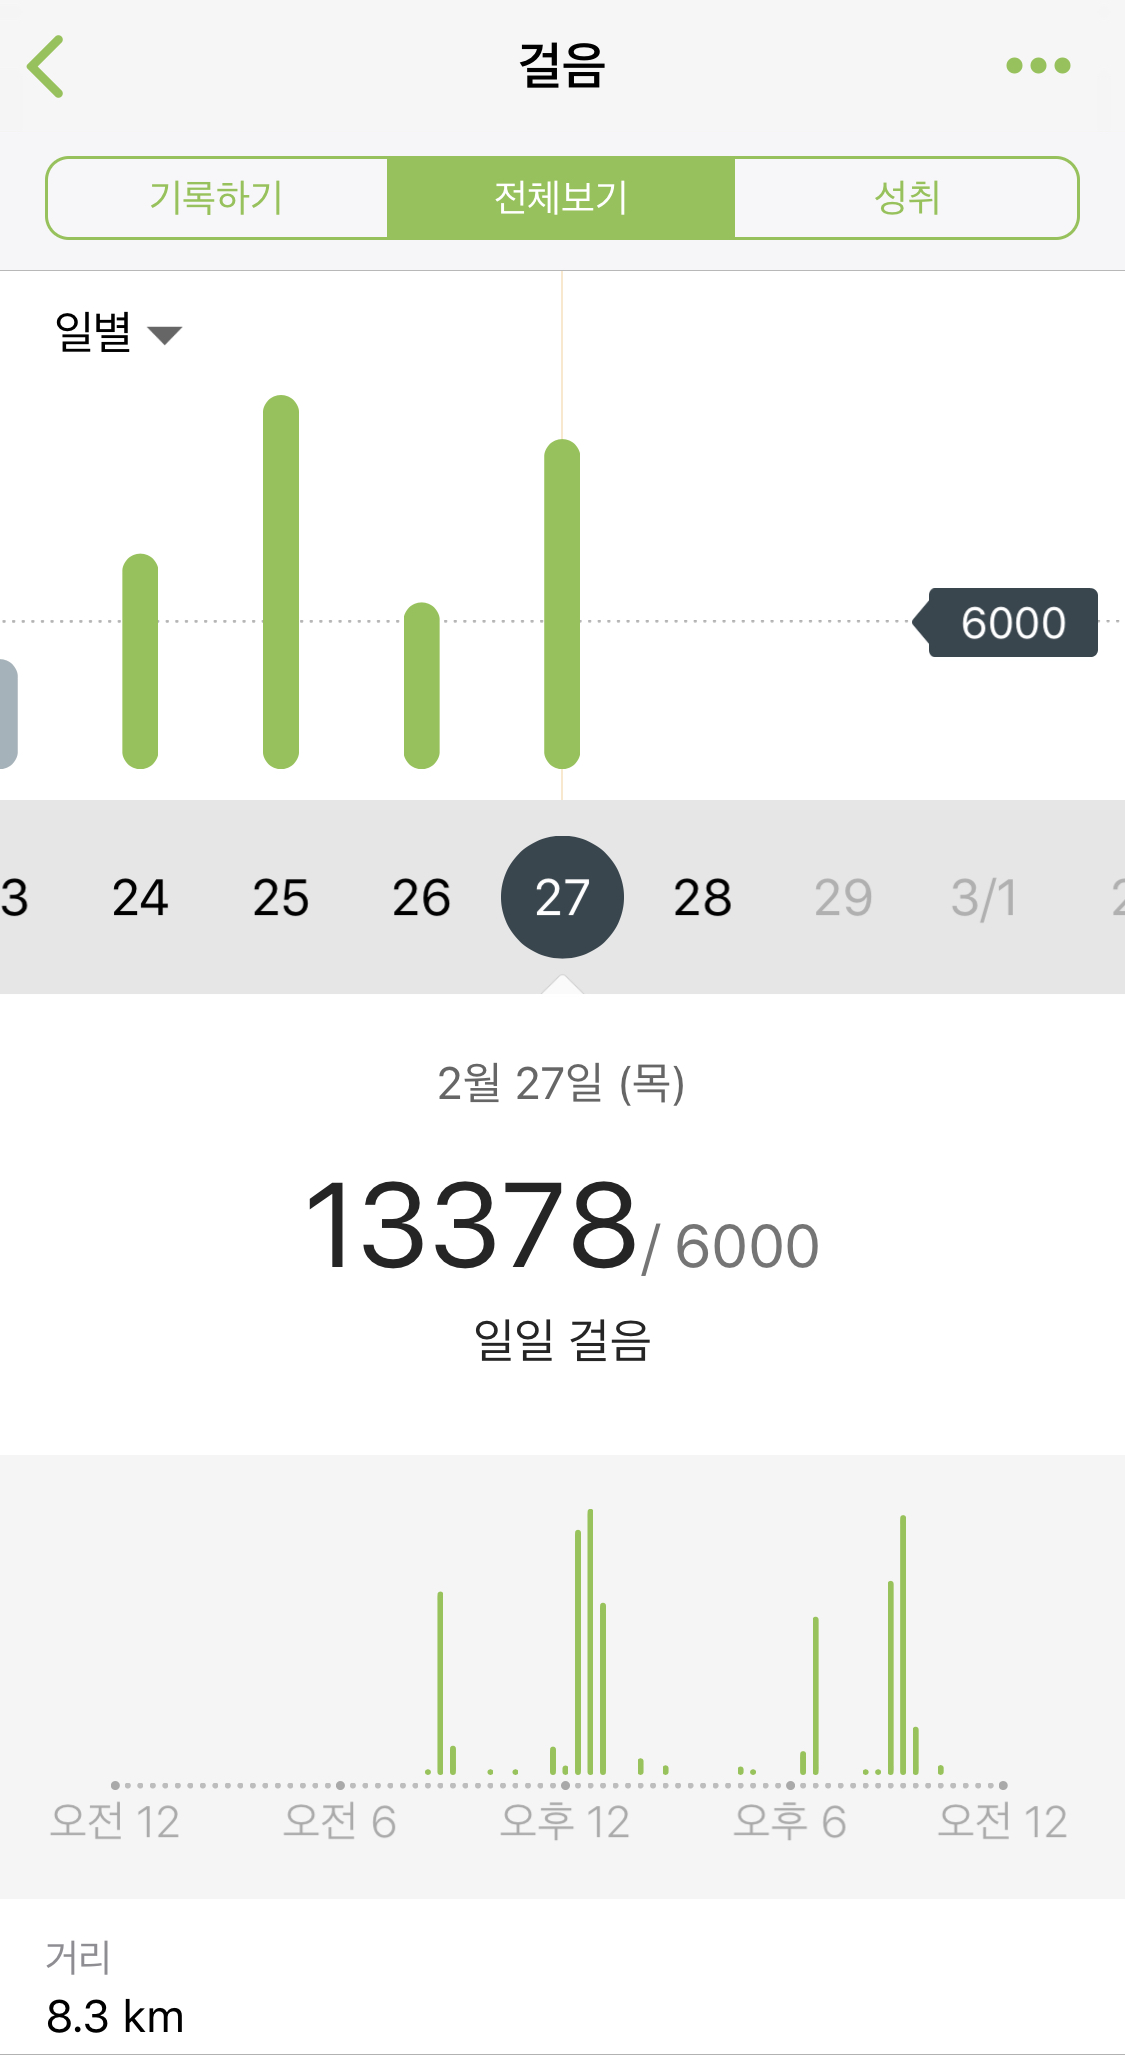 매일 걷기